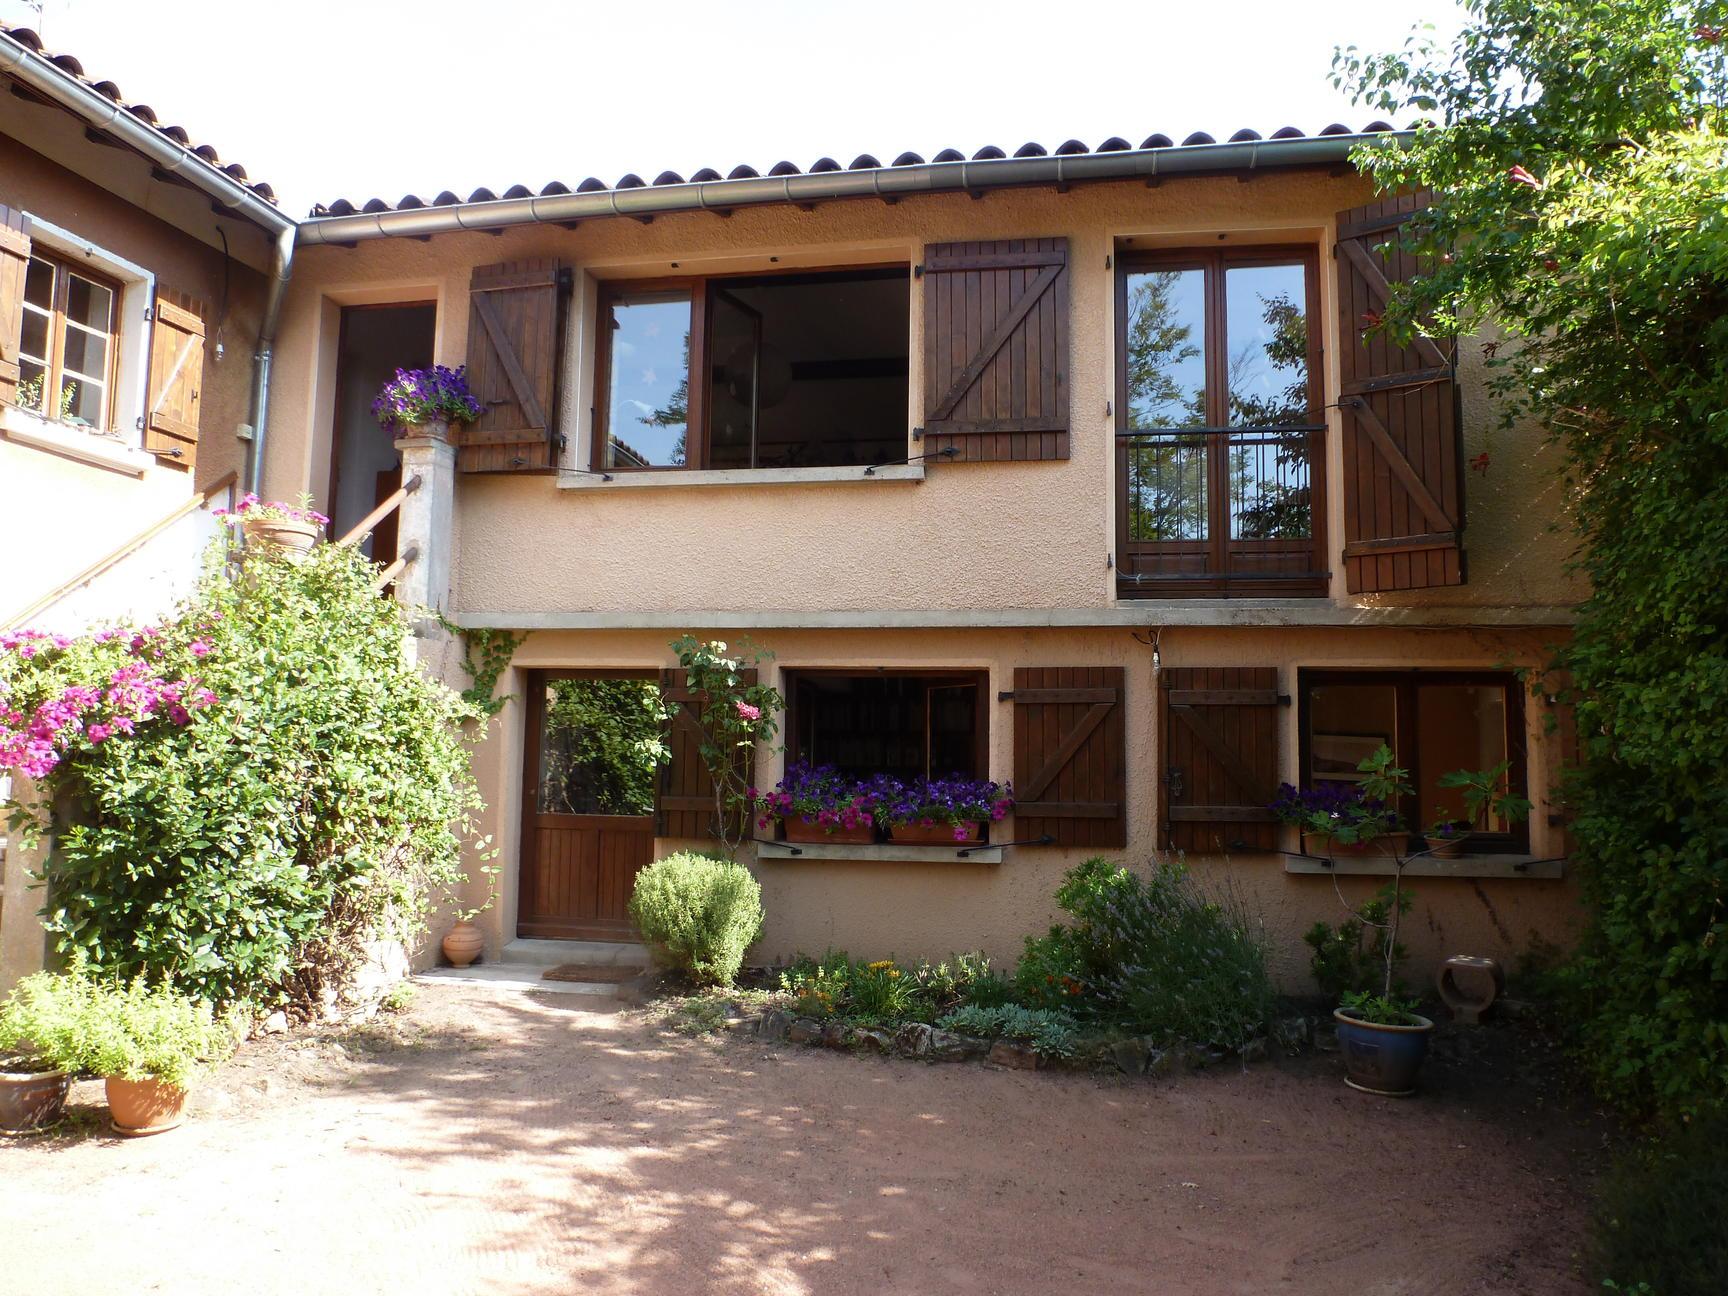 Maison Ancienne Centre Craponne - Craponne